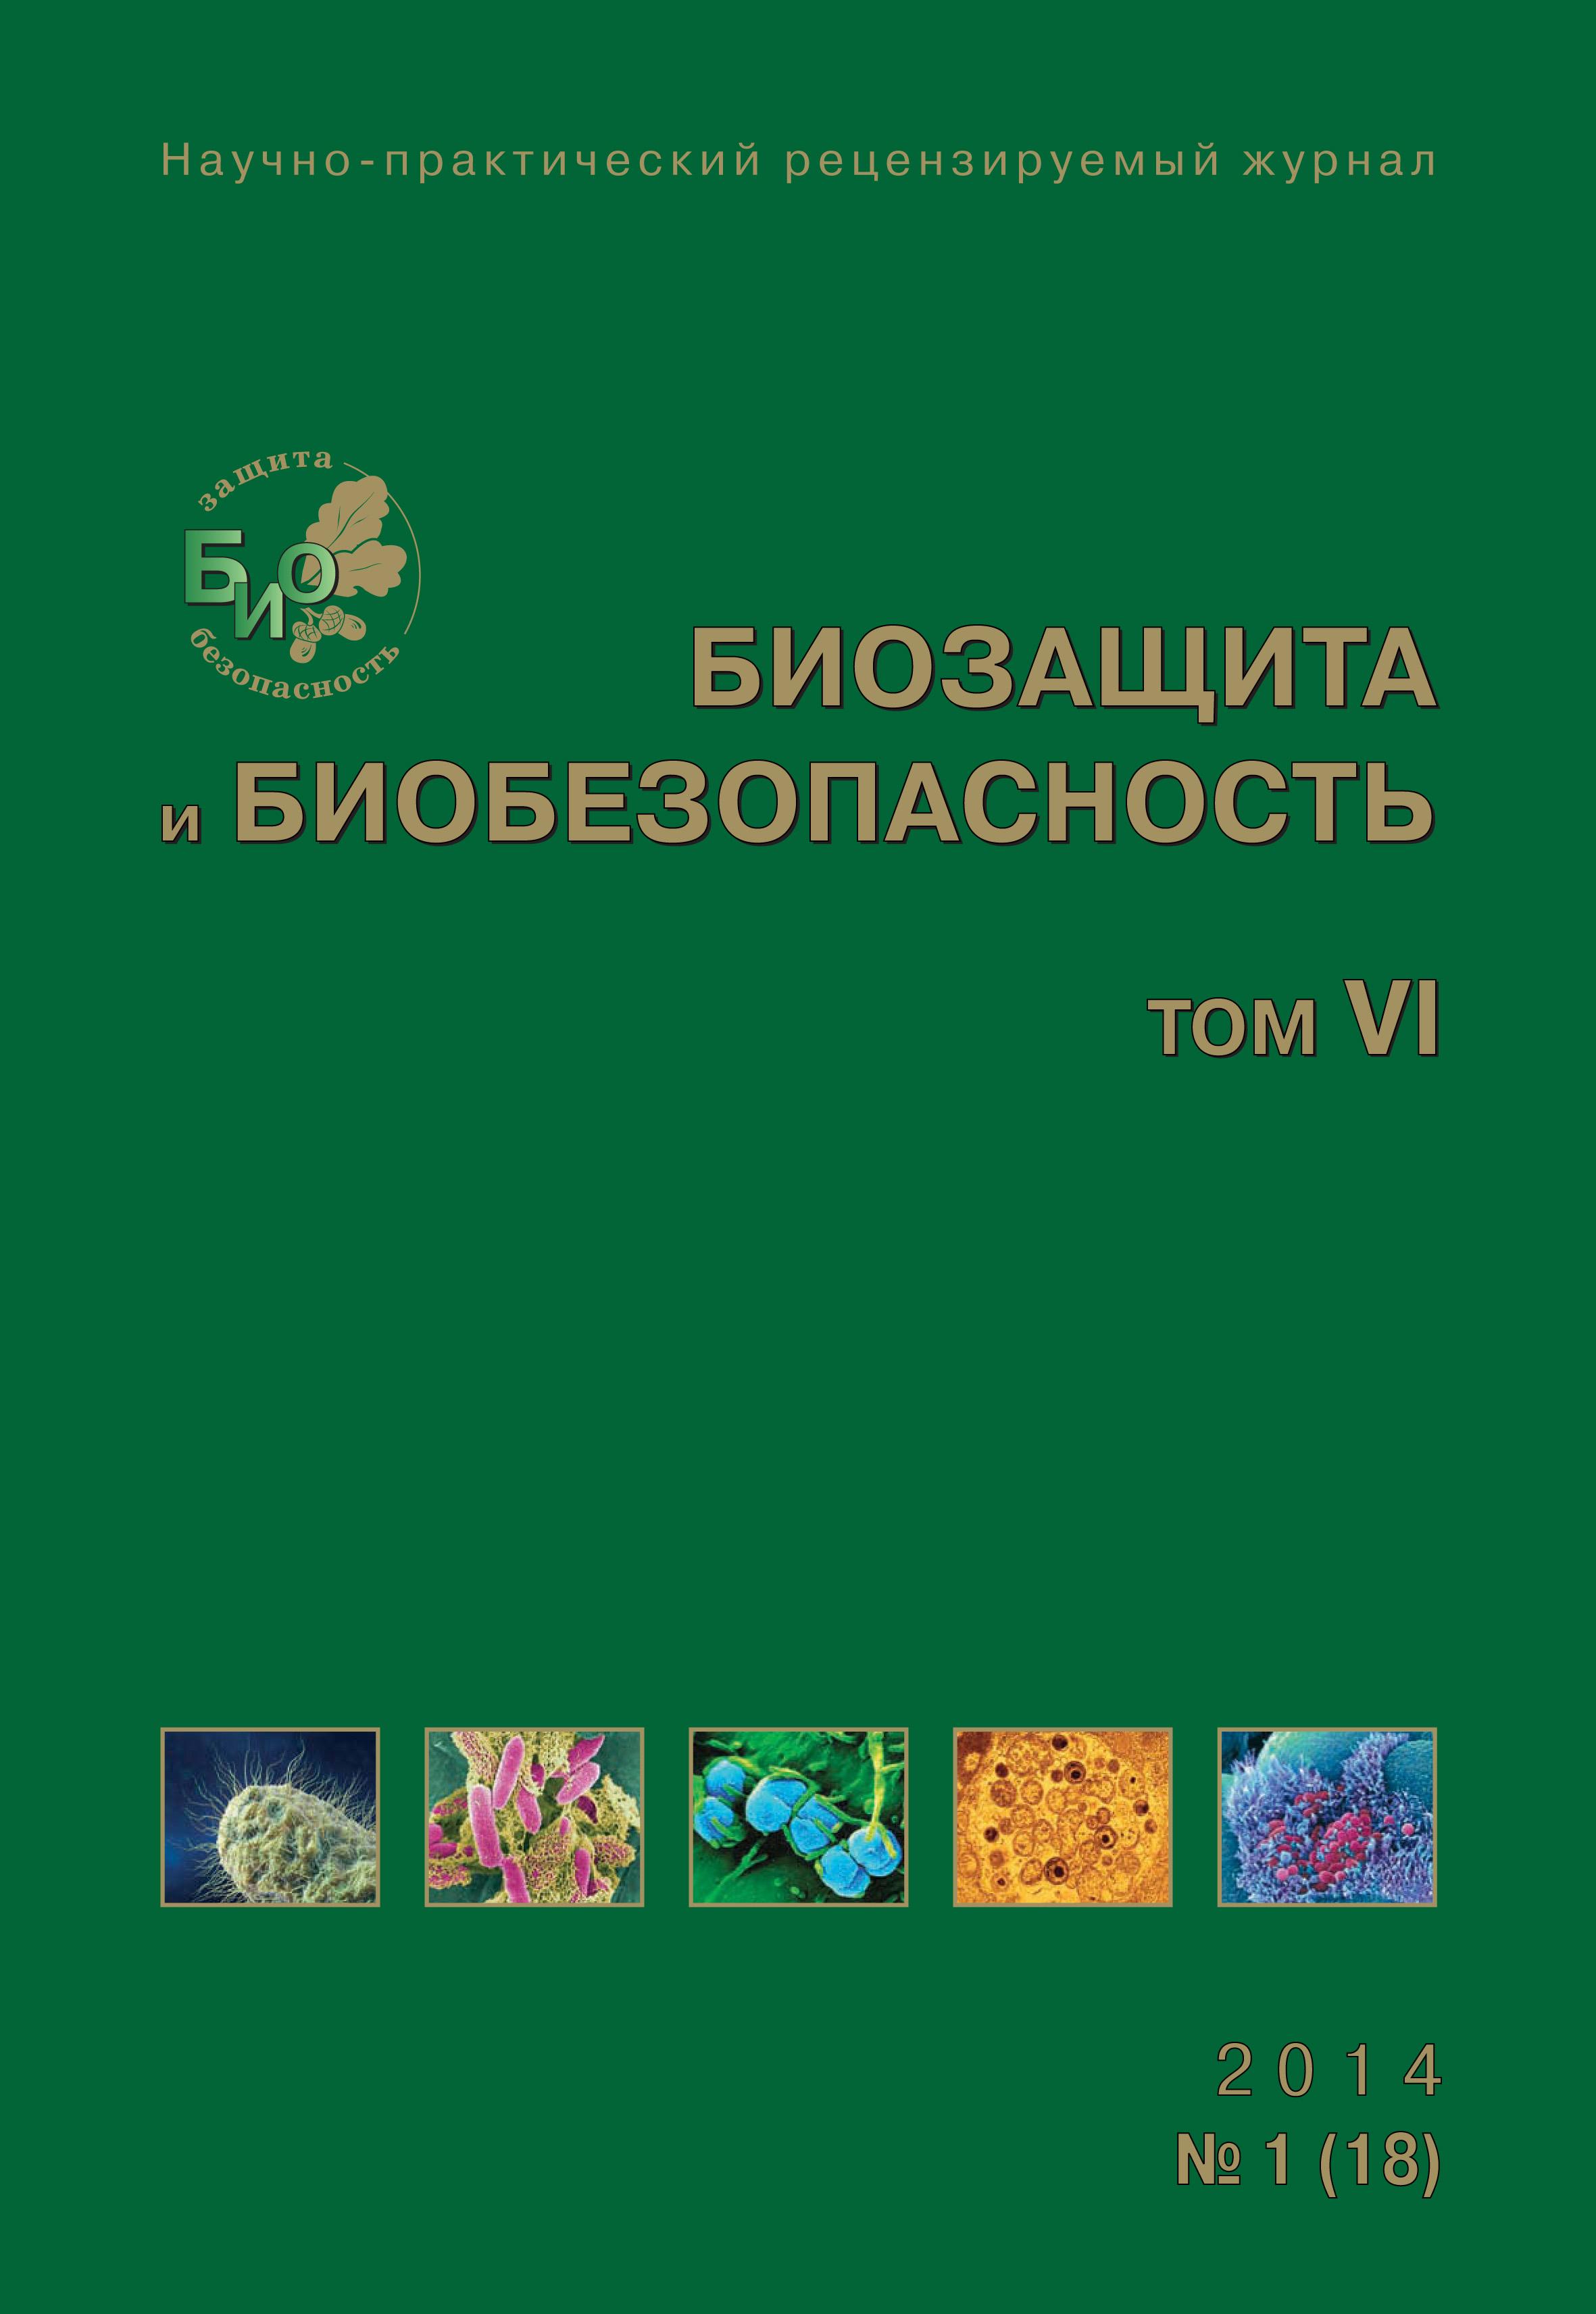 Биозащита и биобезопасность №01 (18) 2014